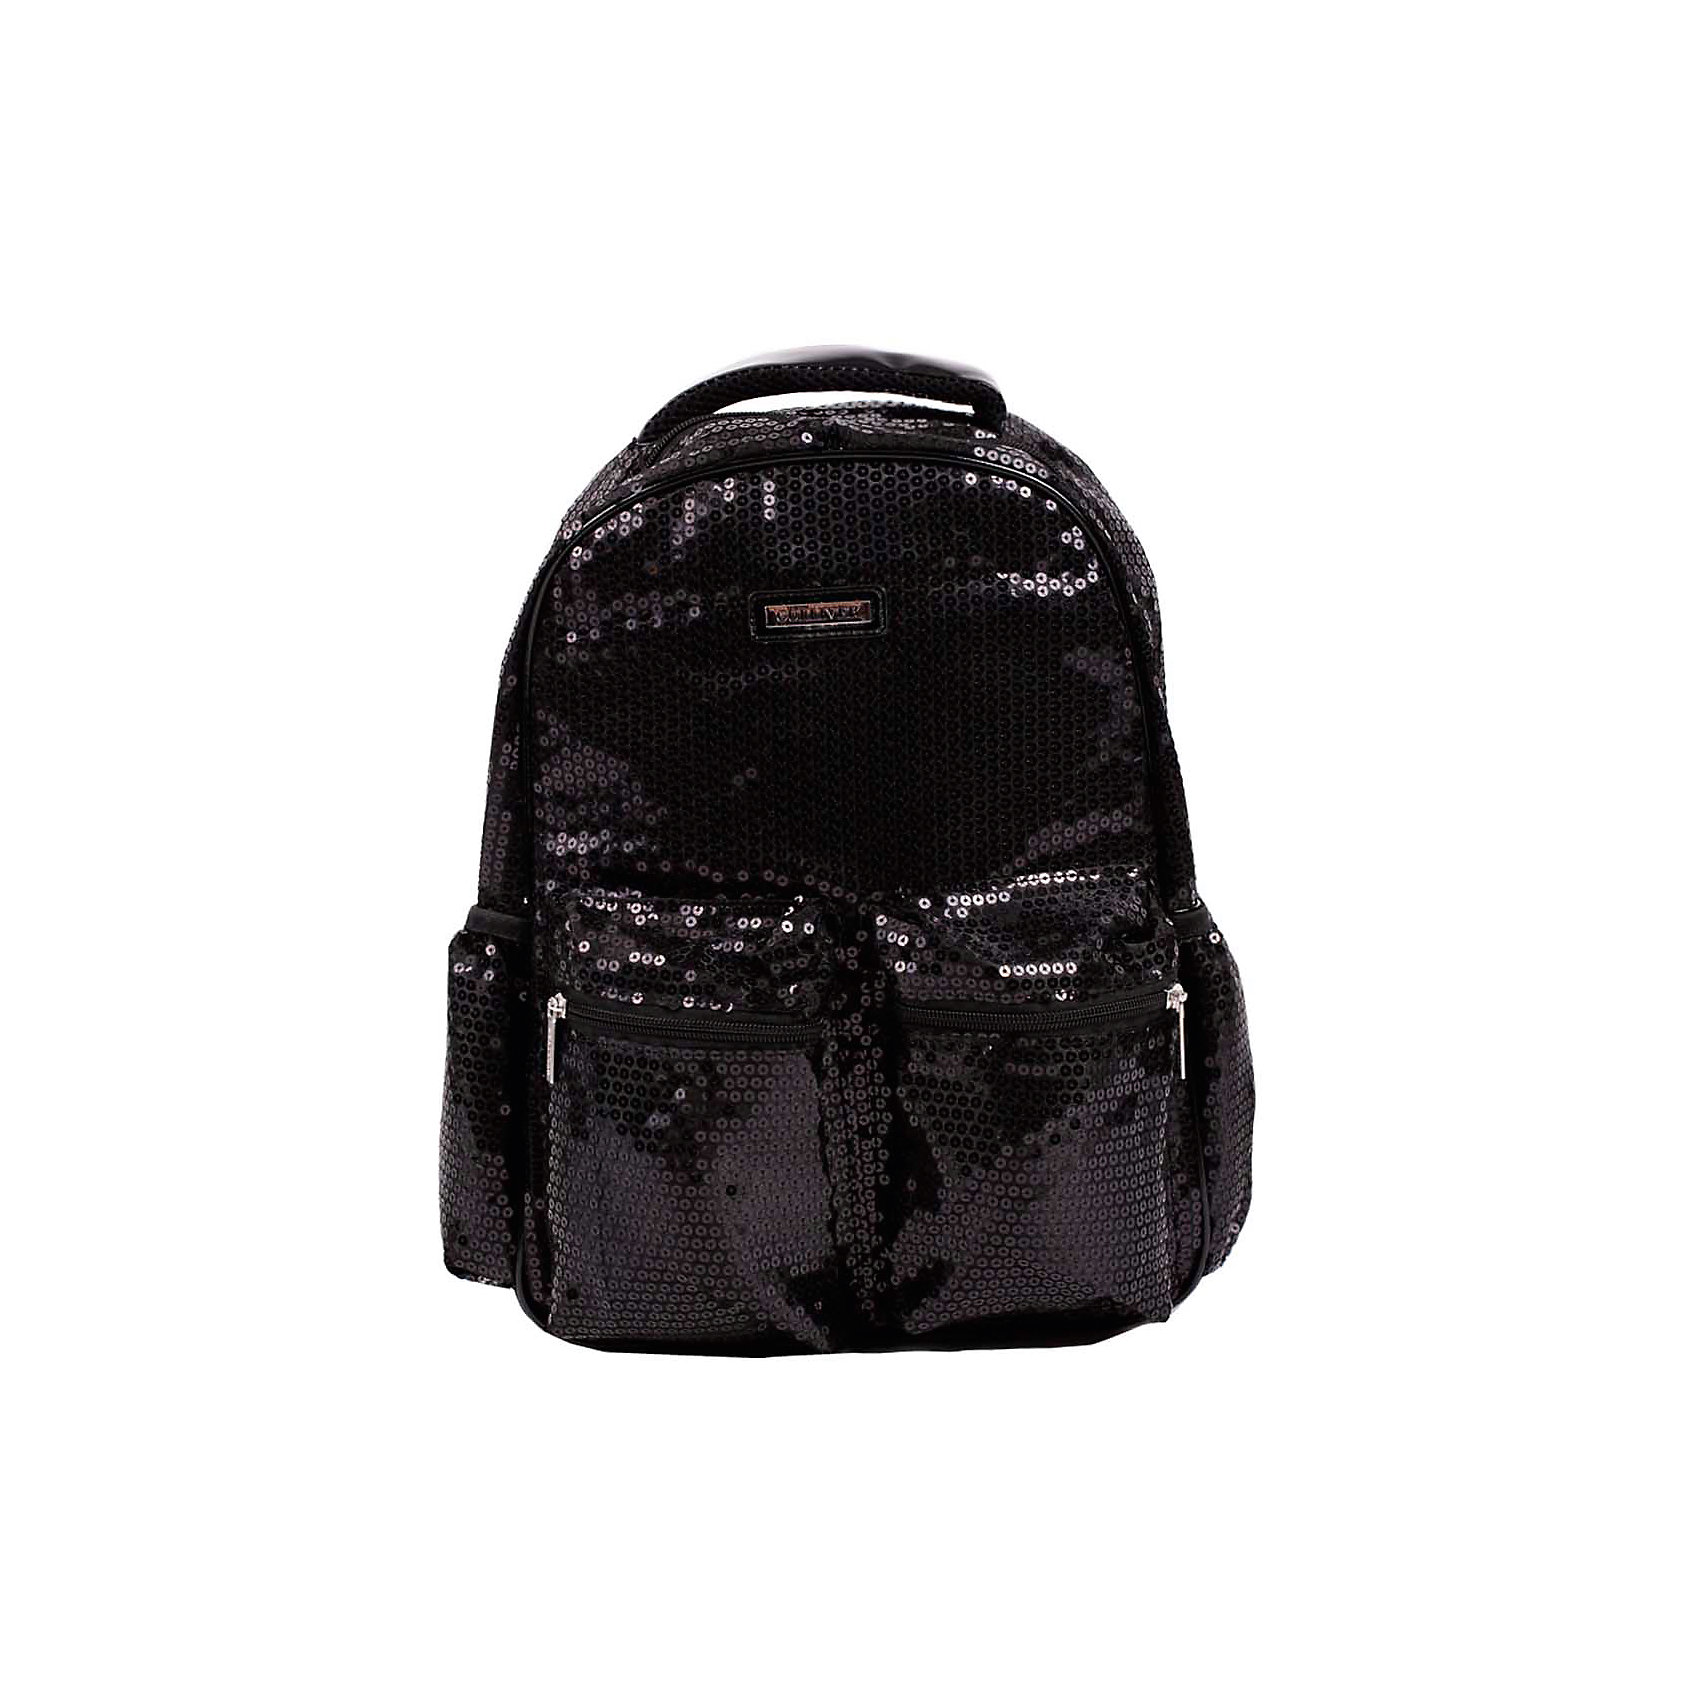 Рюкзаки гулливер для девочек чемоданы на колесиках чебоксары